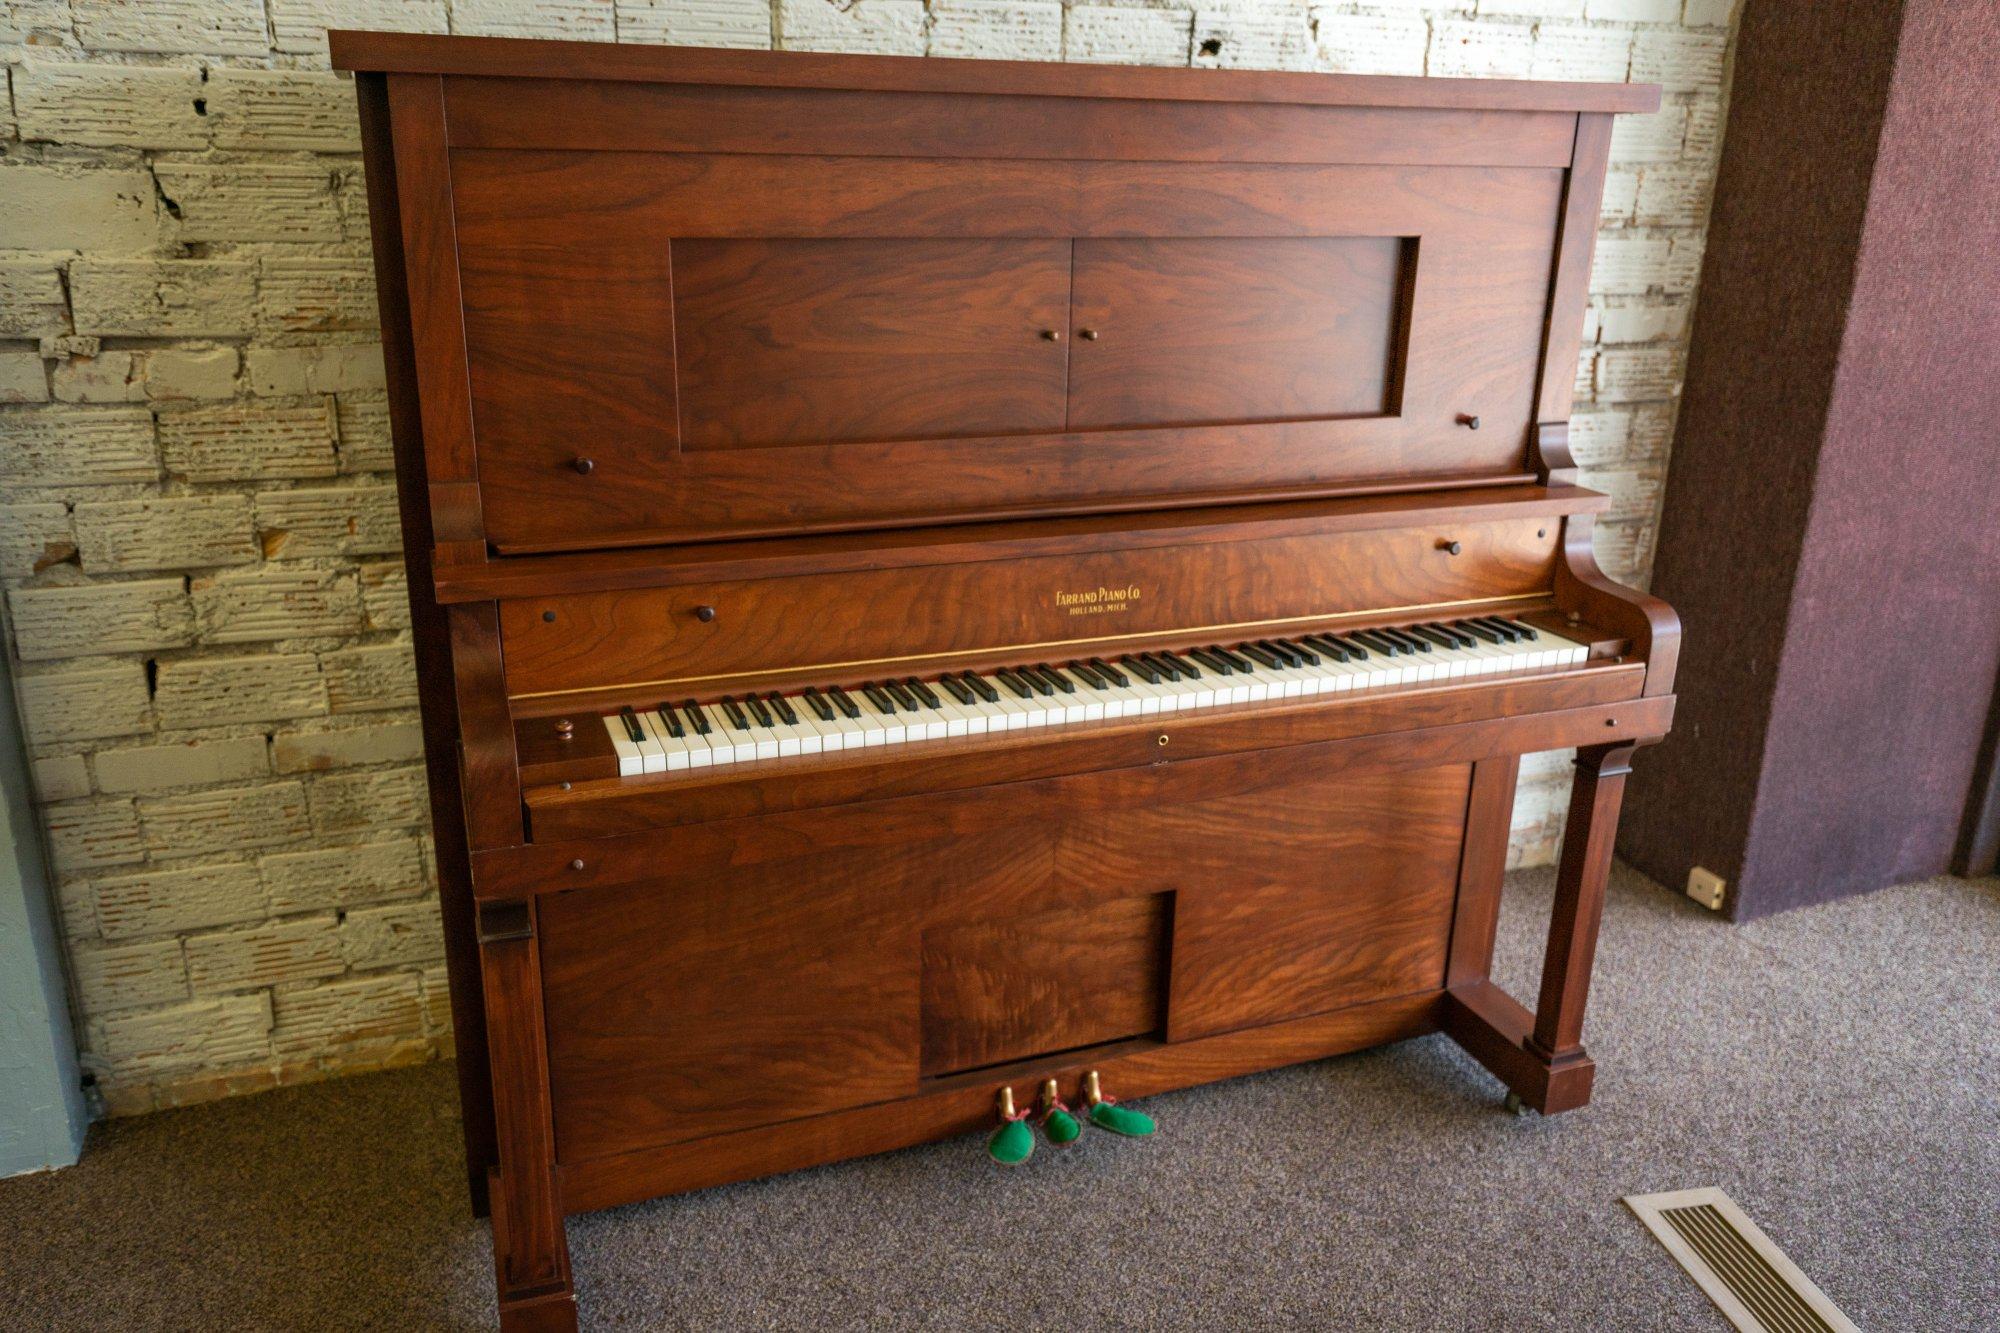 Restored Farrand Piano Co. Upright Grand Piano